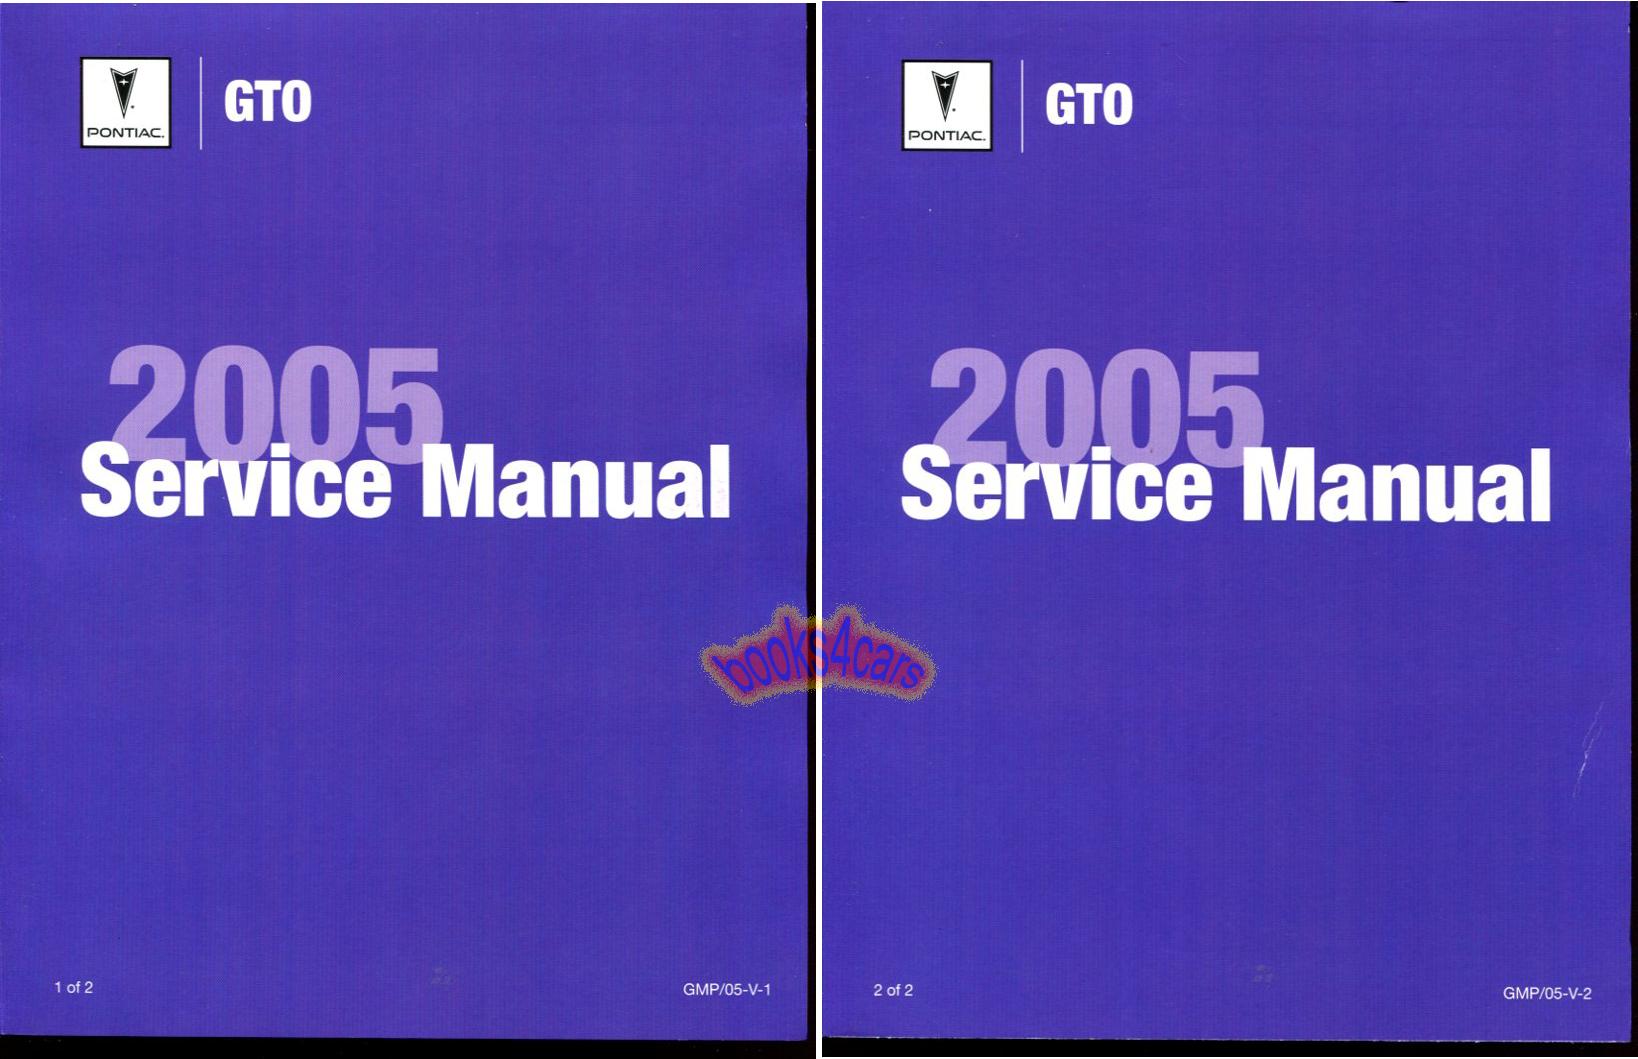 pontiac gto manuals at books4cars com rh books4cars com 2005 pontiac gto service manual 2005 gto service manual free